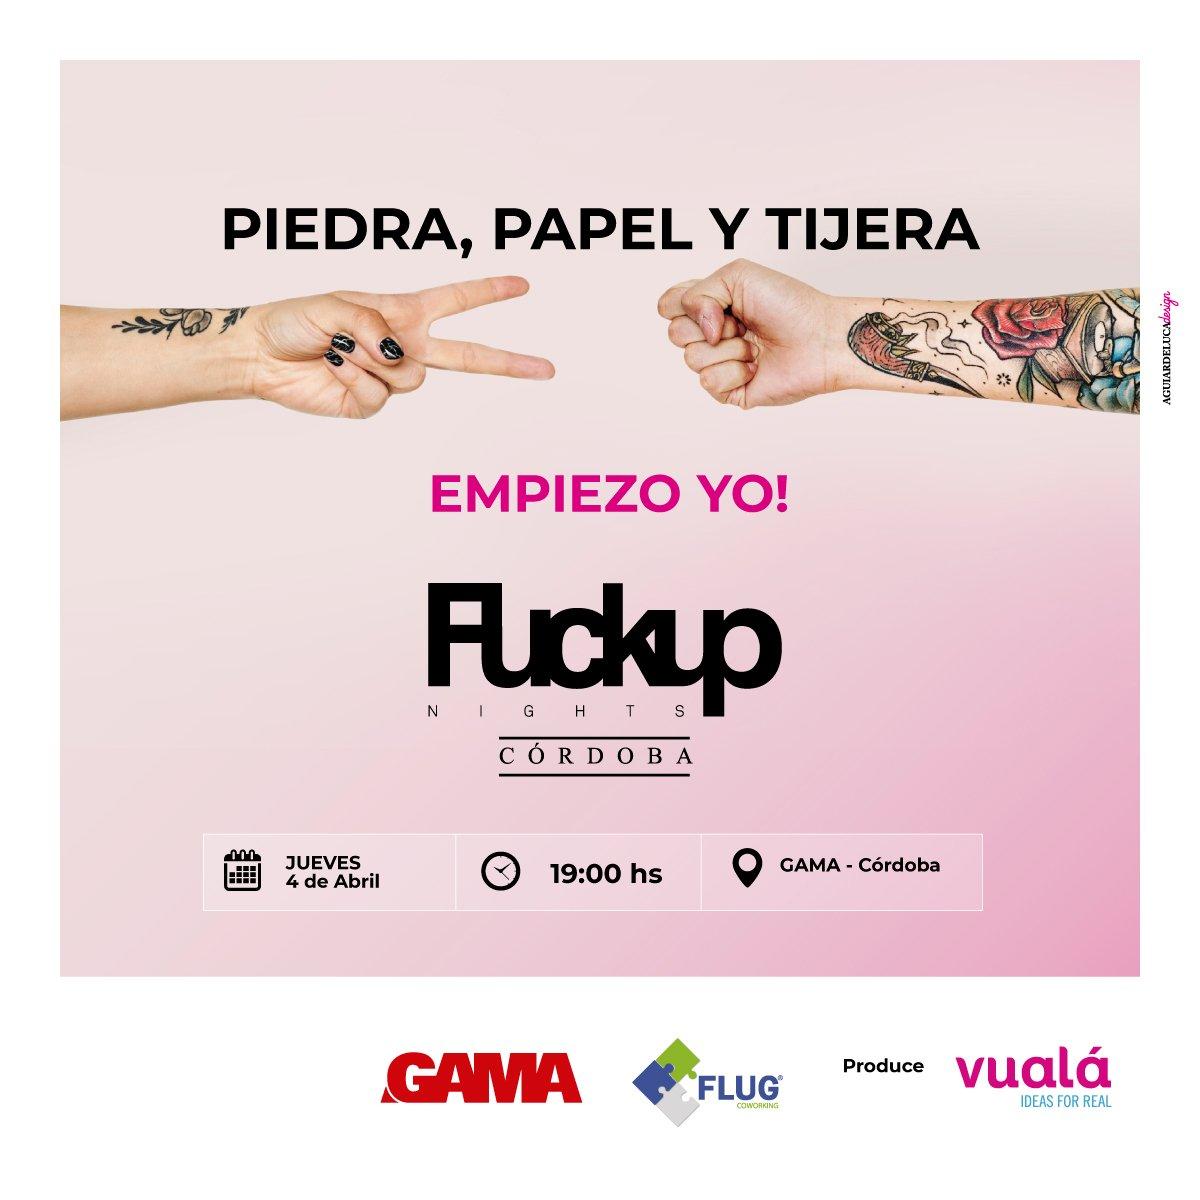 """☝ """"Para fracasar, hay que intentar"""" Se viene otro #FuckUpNights en #CIUDADGAMA 😎   📅 Jueves 4/4 🕖 19 hs  🛒 Comprá tus entradas:  https://t.co/52Cd0JIZJ9  #gamadesarrollos #eventos #córdoba #invertiencordoba #sociales #friends #amigosdegama #30Años https://t.co/YcSPipTLRq"""